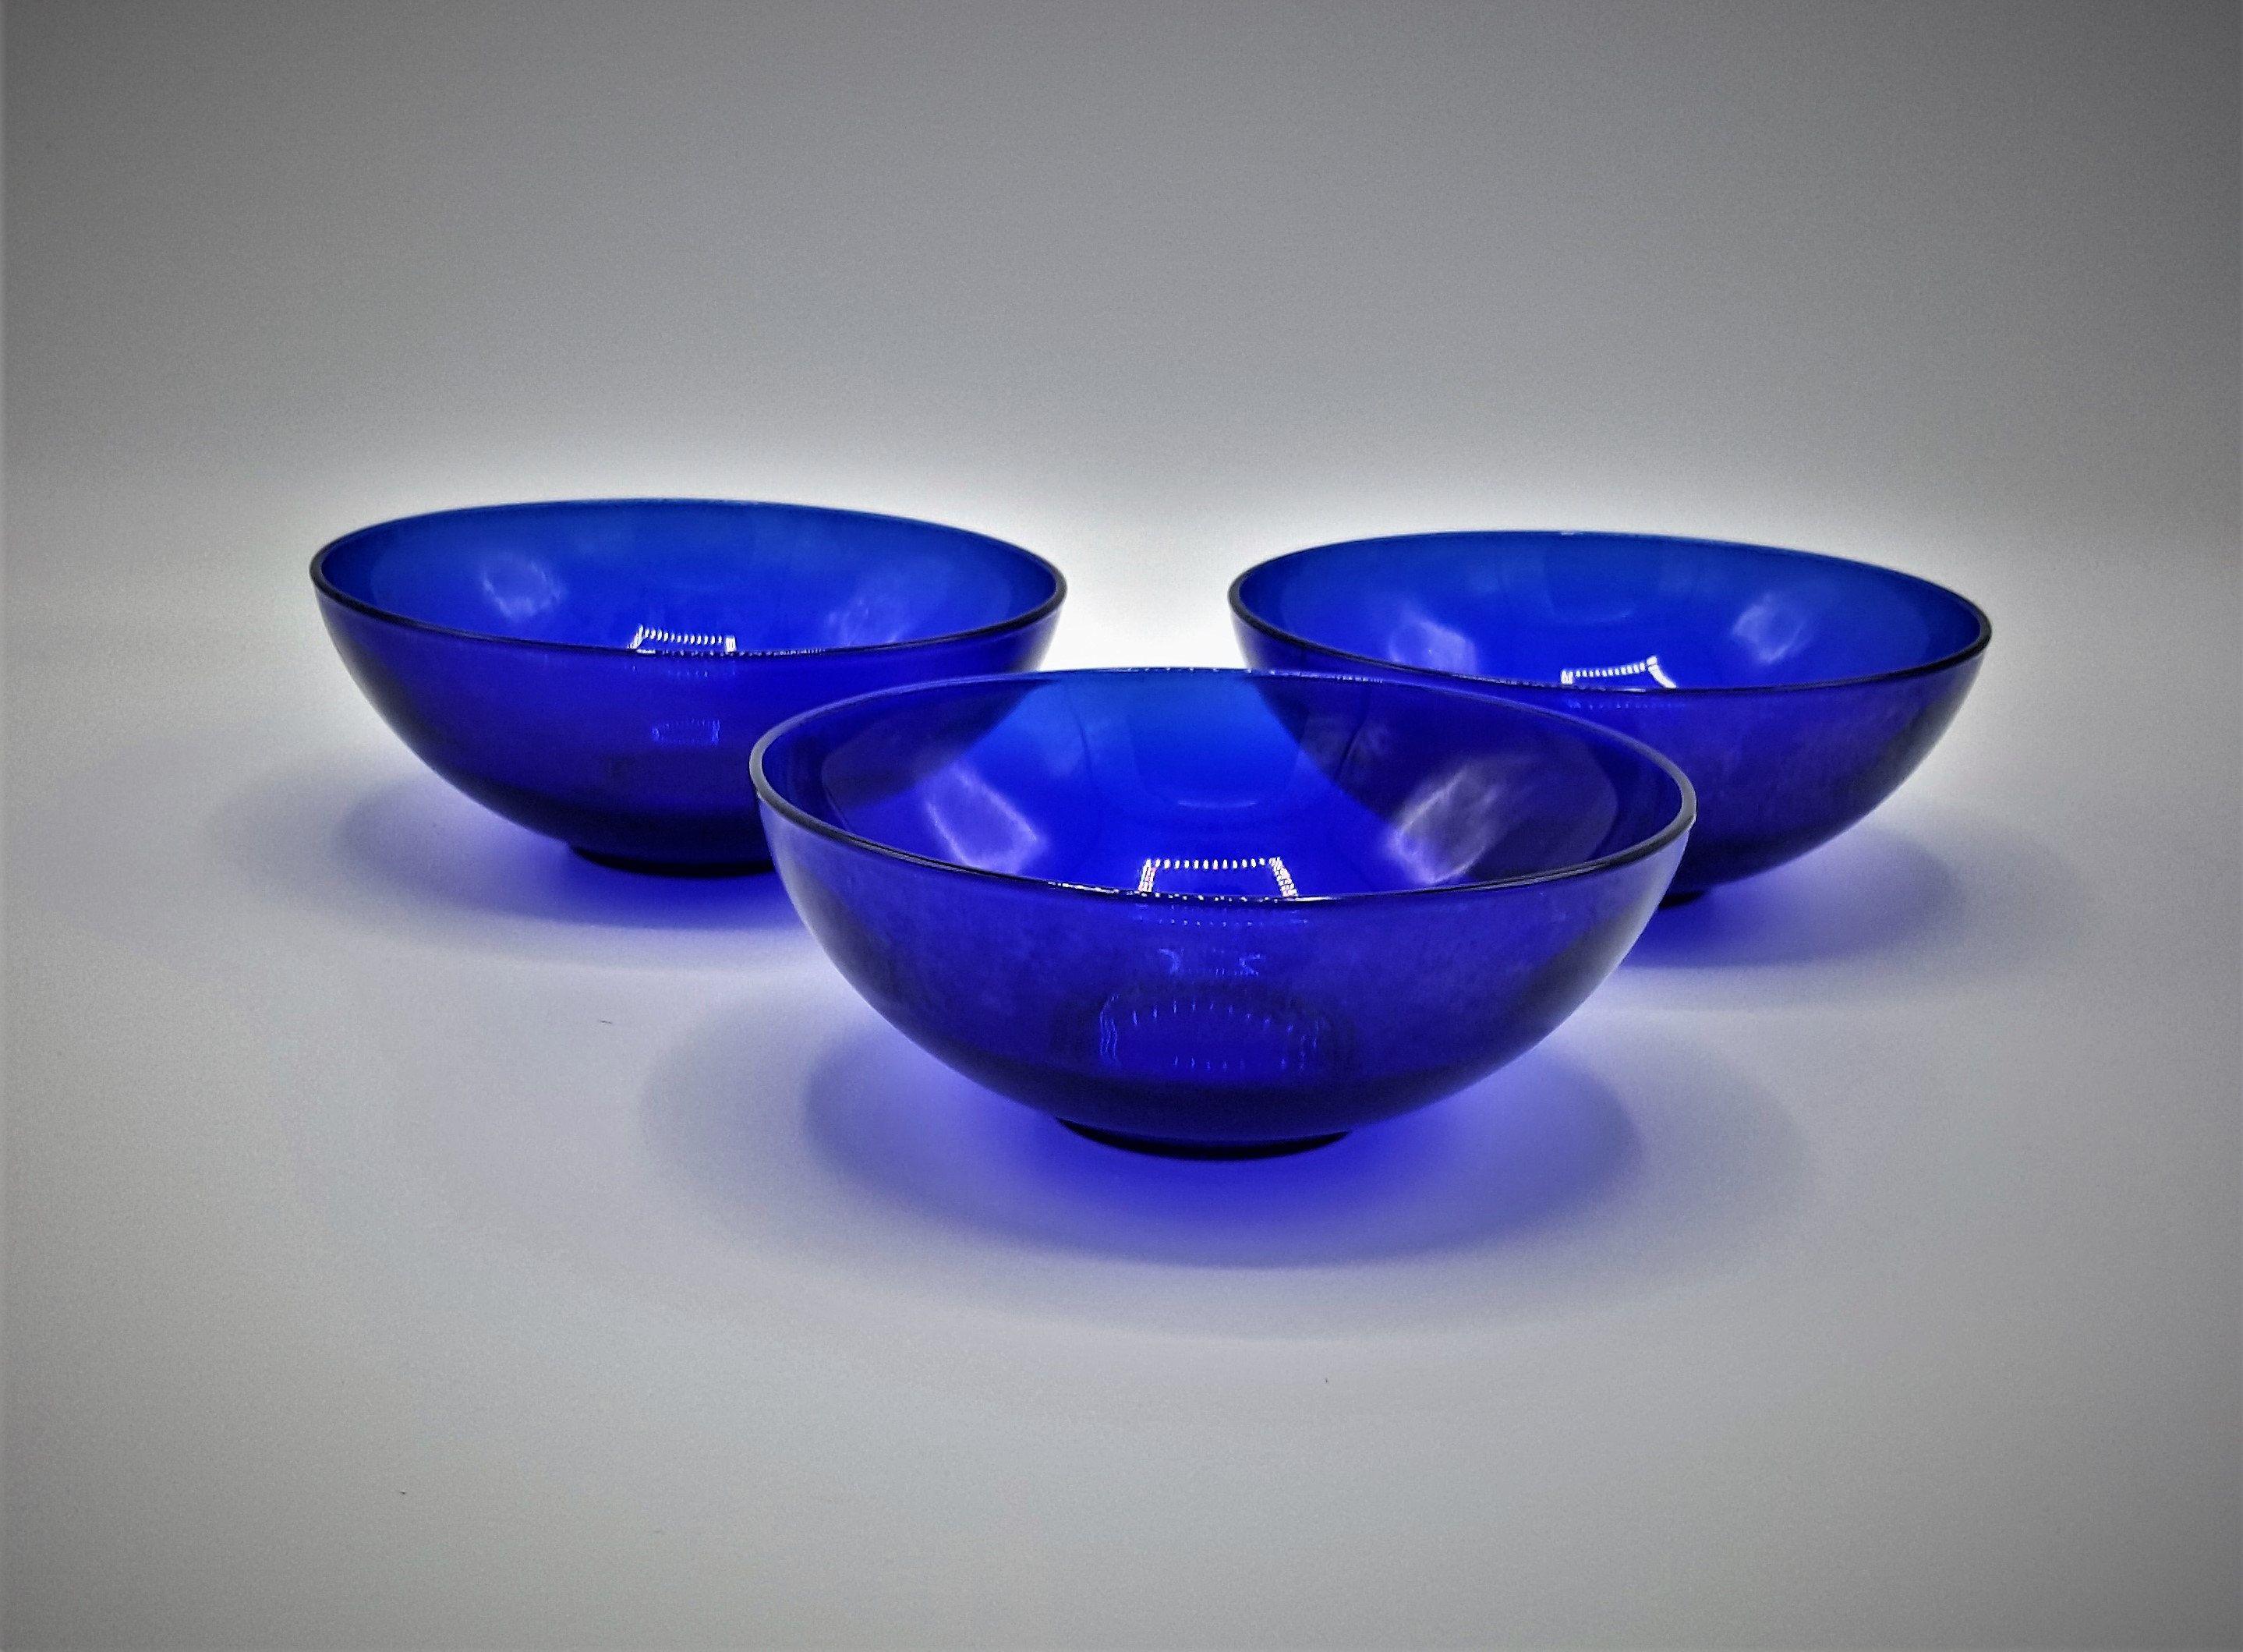 Vintage Cobalt Blue Soup Bowls Set Of 3 Vintage Blue Cereal Bowls